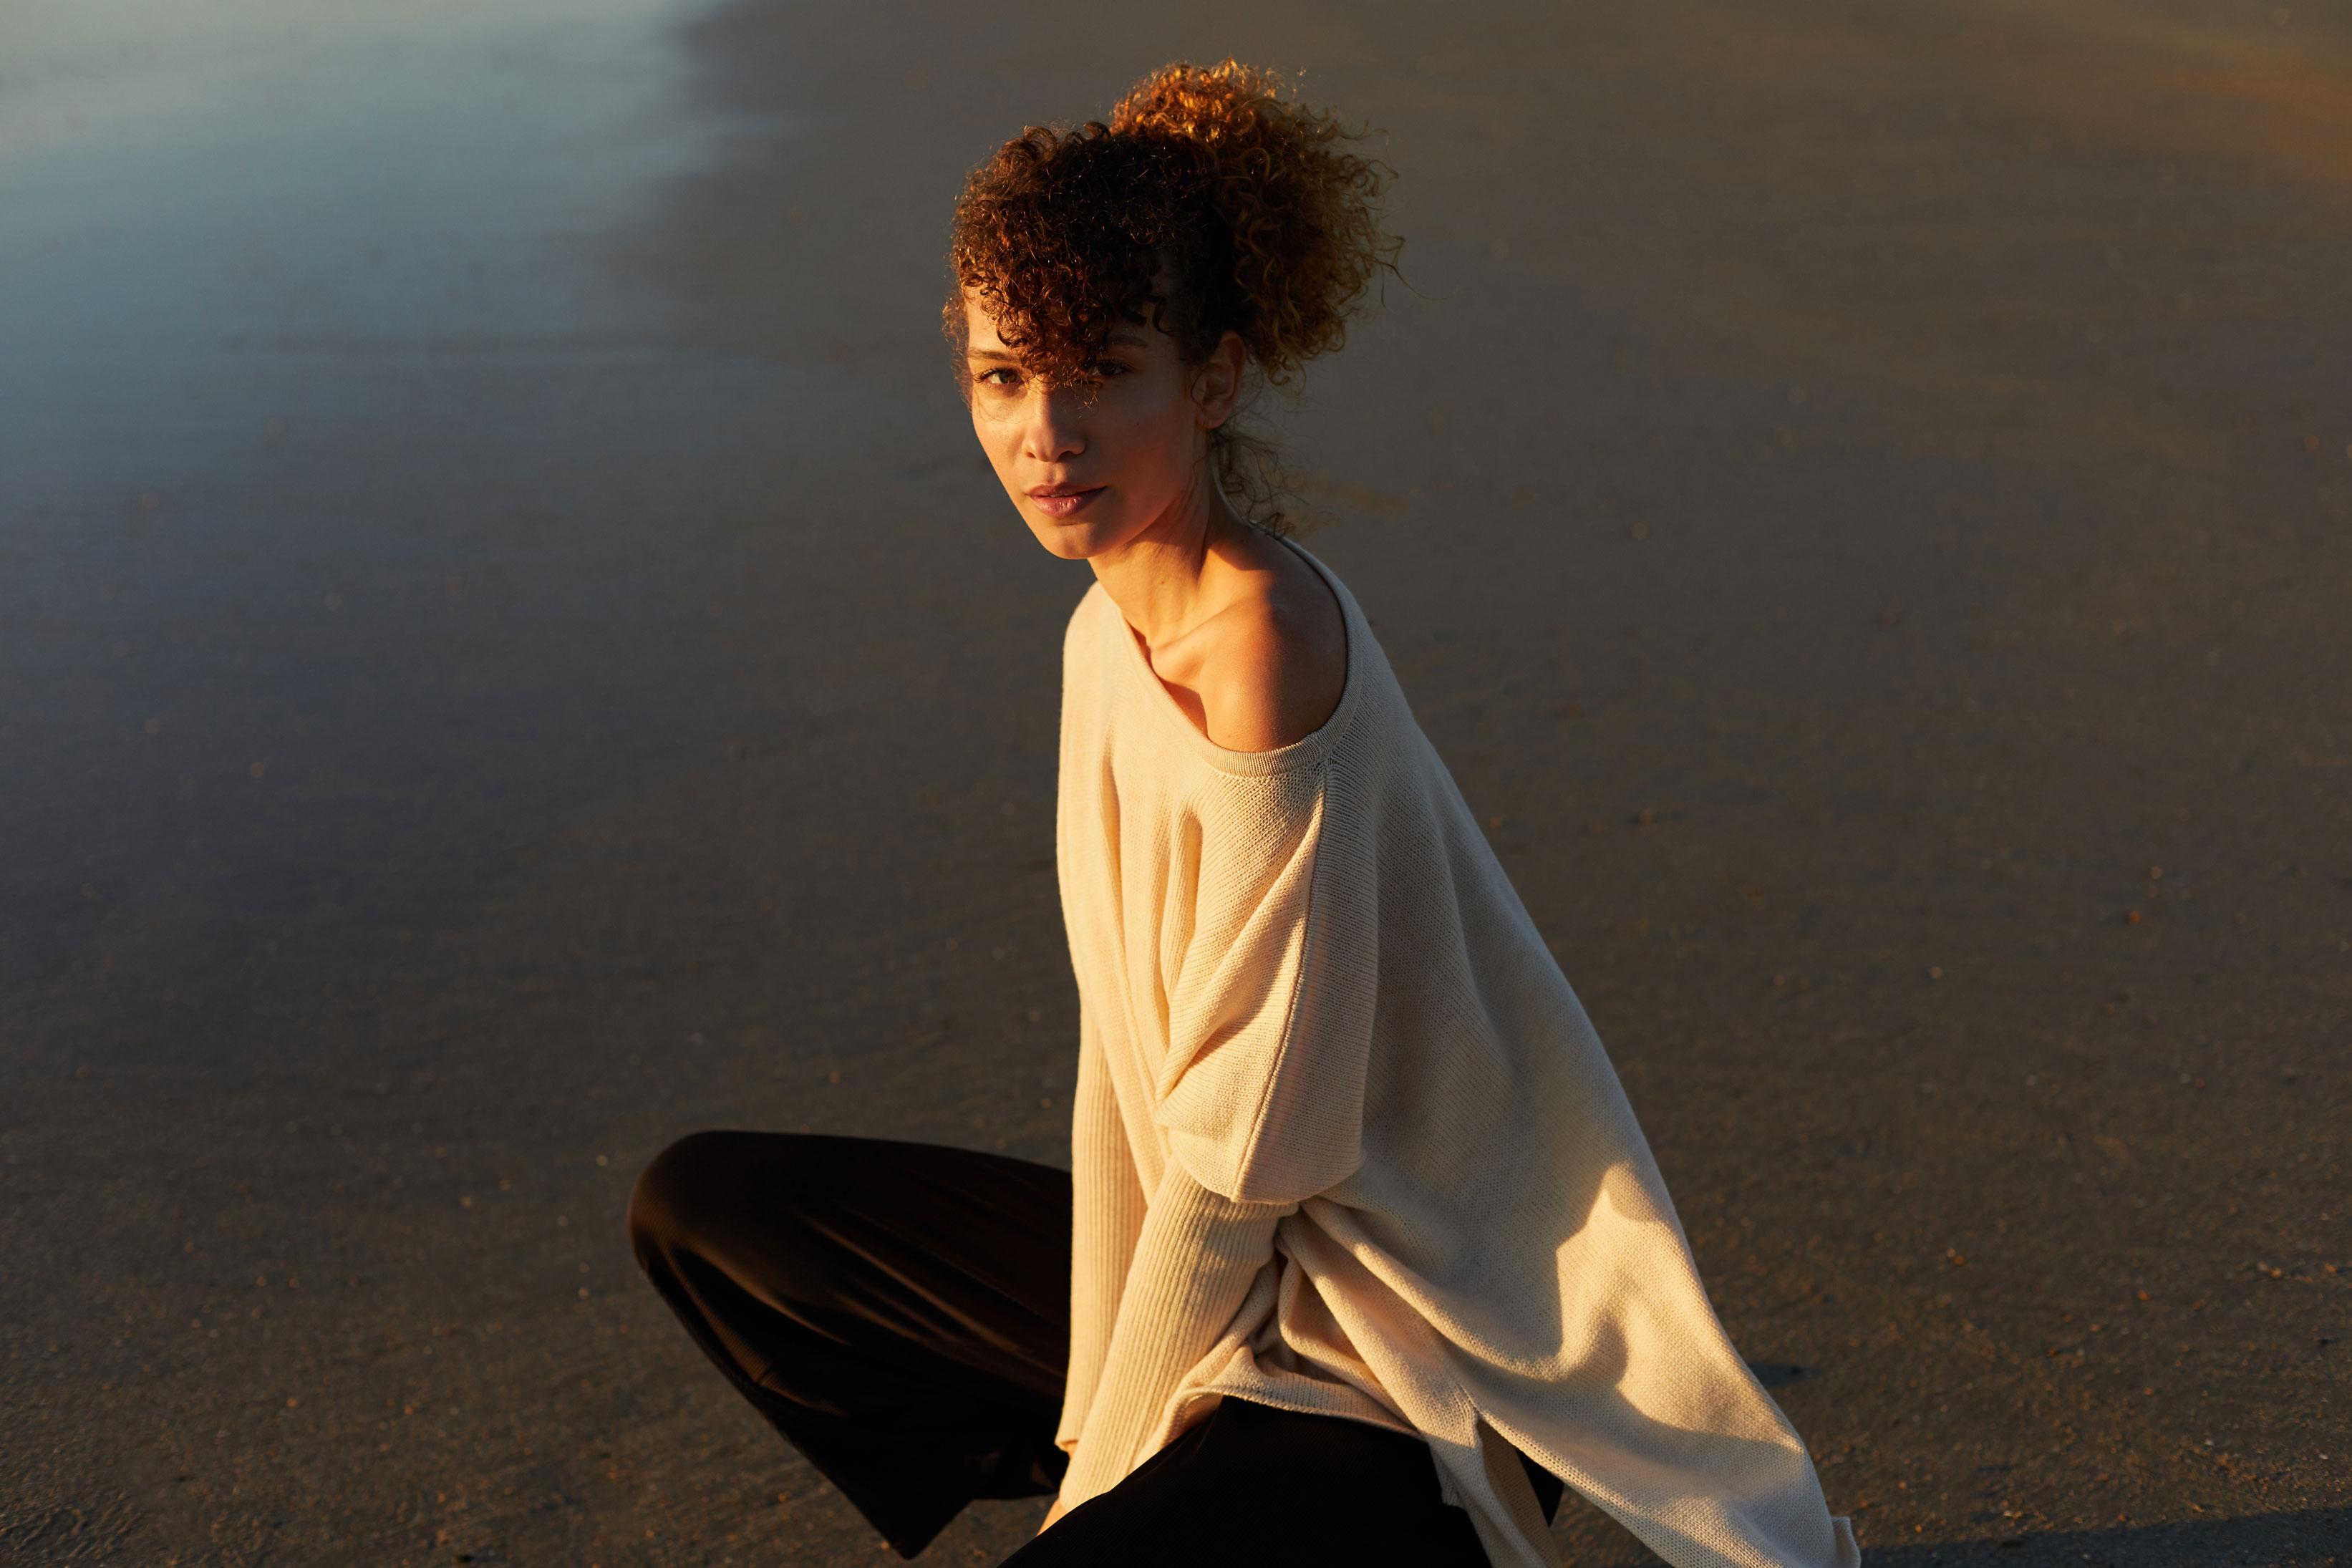 seance photo pour findy your metanoia, vetement et yoga à Carnac